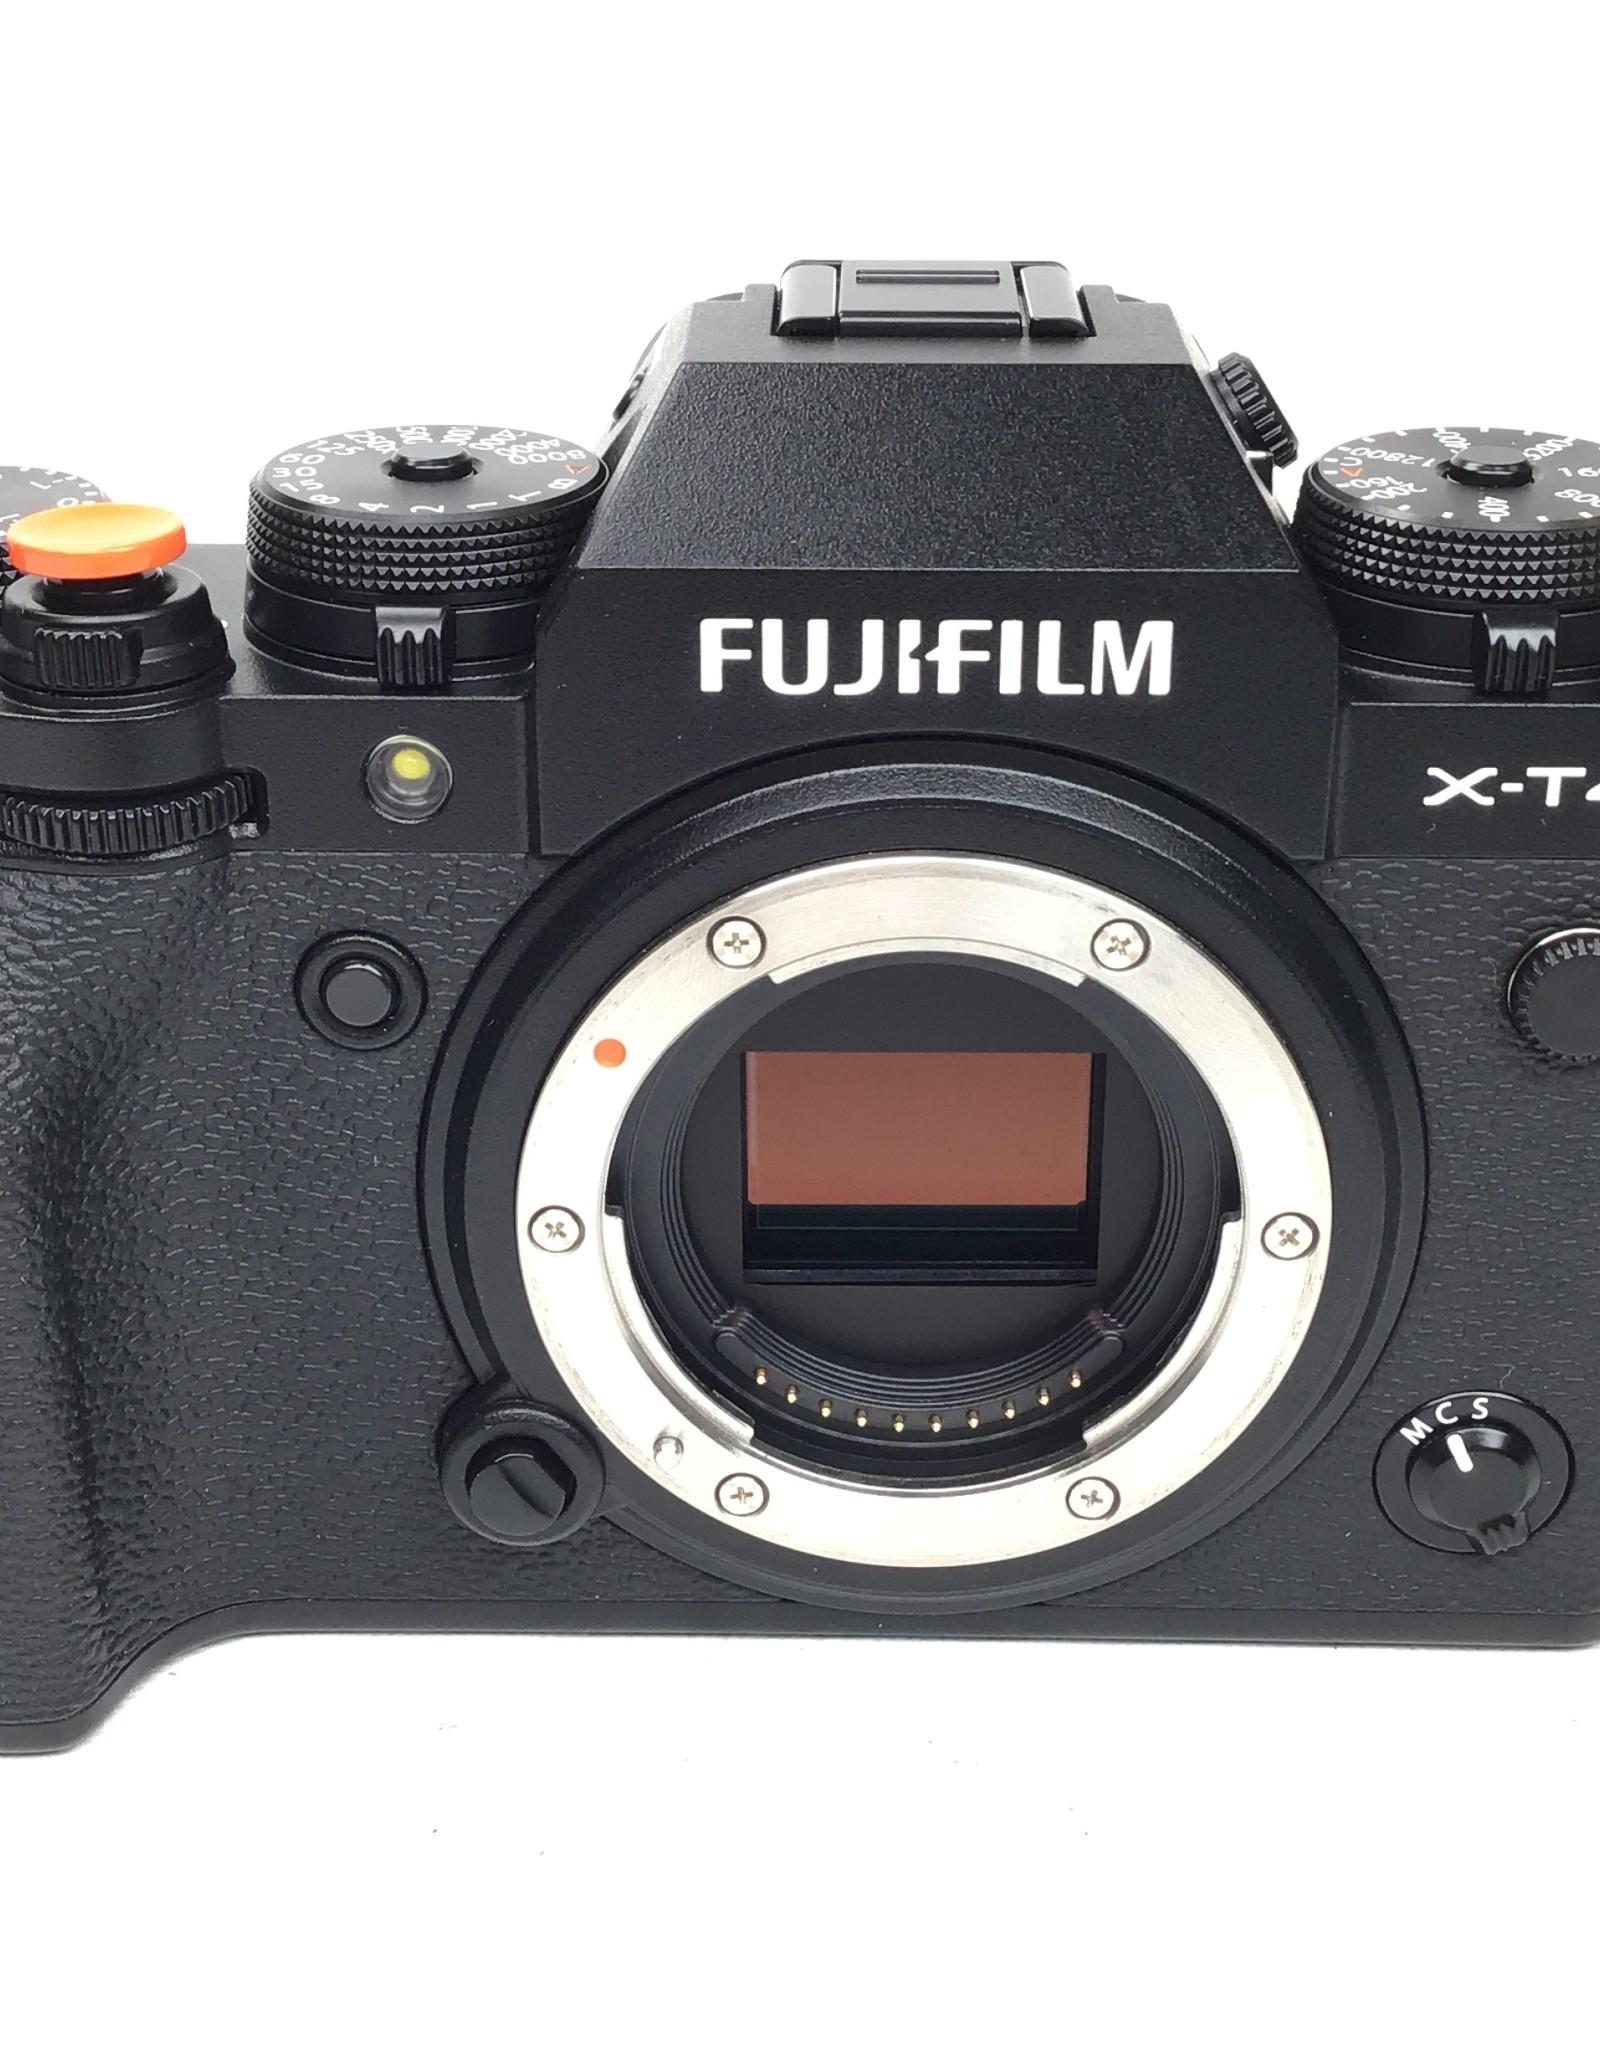 FUJI Fuji X-T4 Camera Body Black Used EX